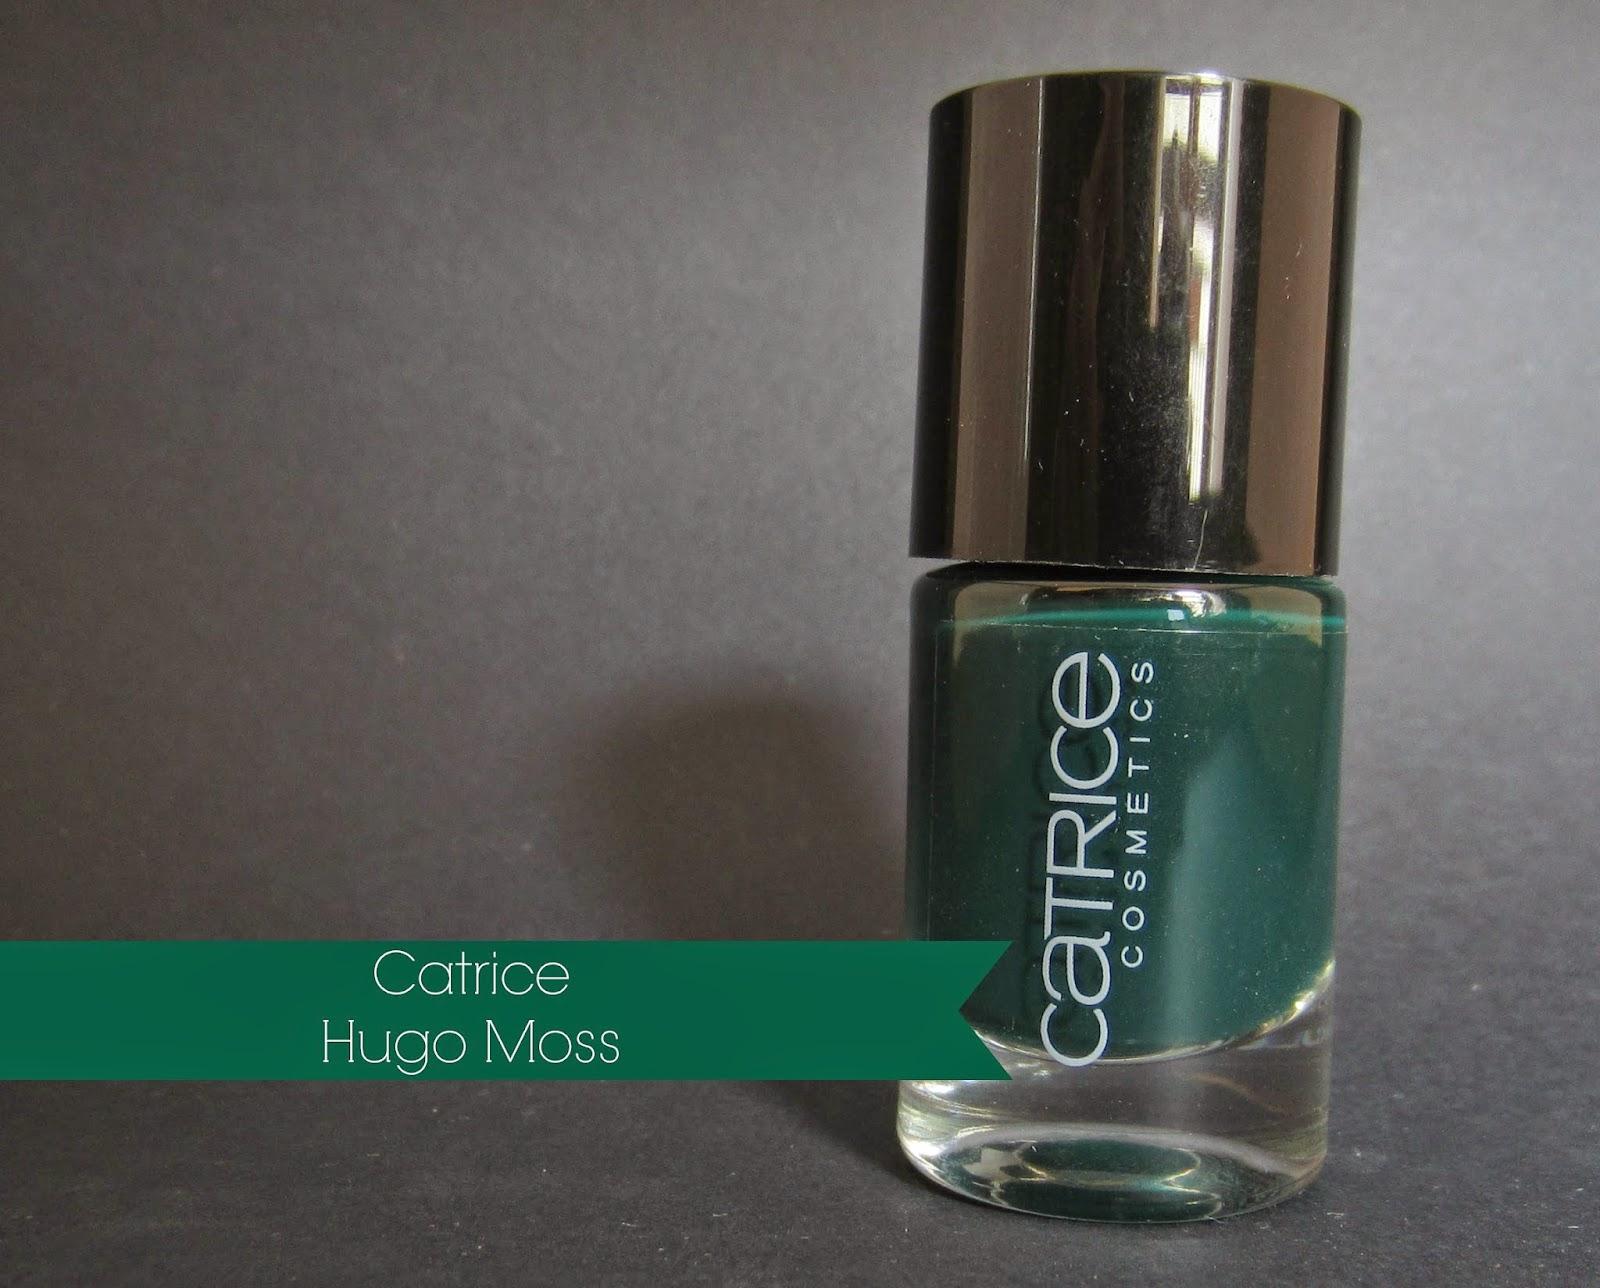 Catrice - Hugo Moss